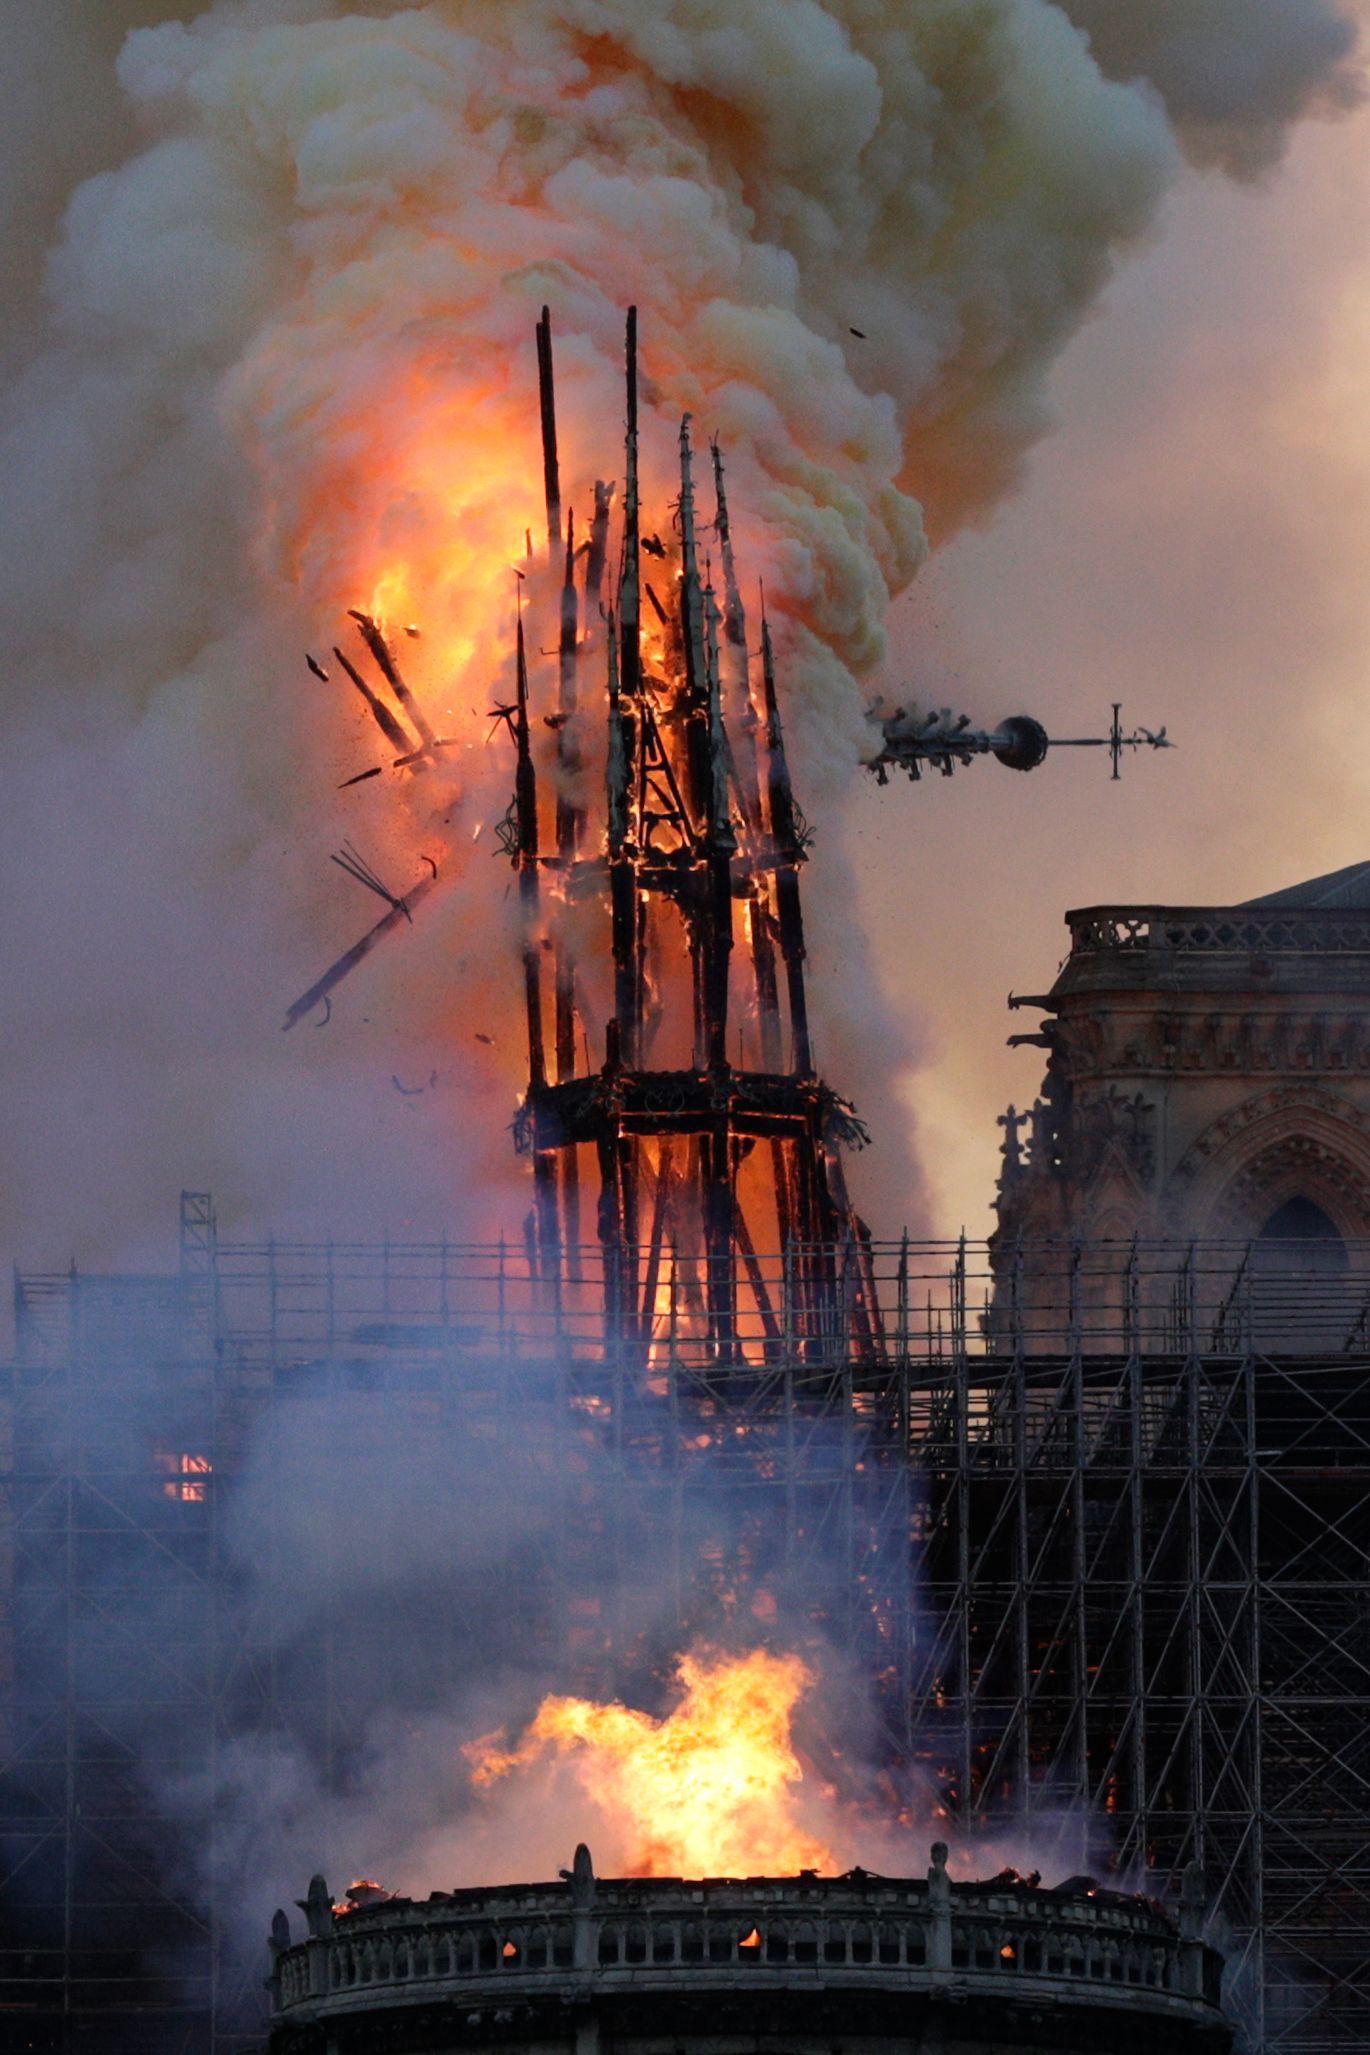 파리 노트르담 대성당의 첨탑이 불길을 견디지 못하고 무너져 내리고 있다. [AFP=연합뉴스]